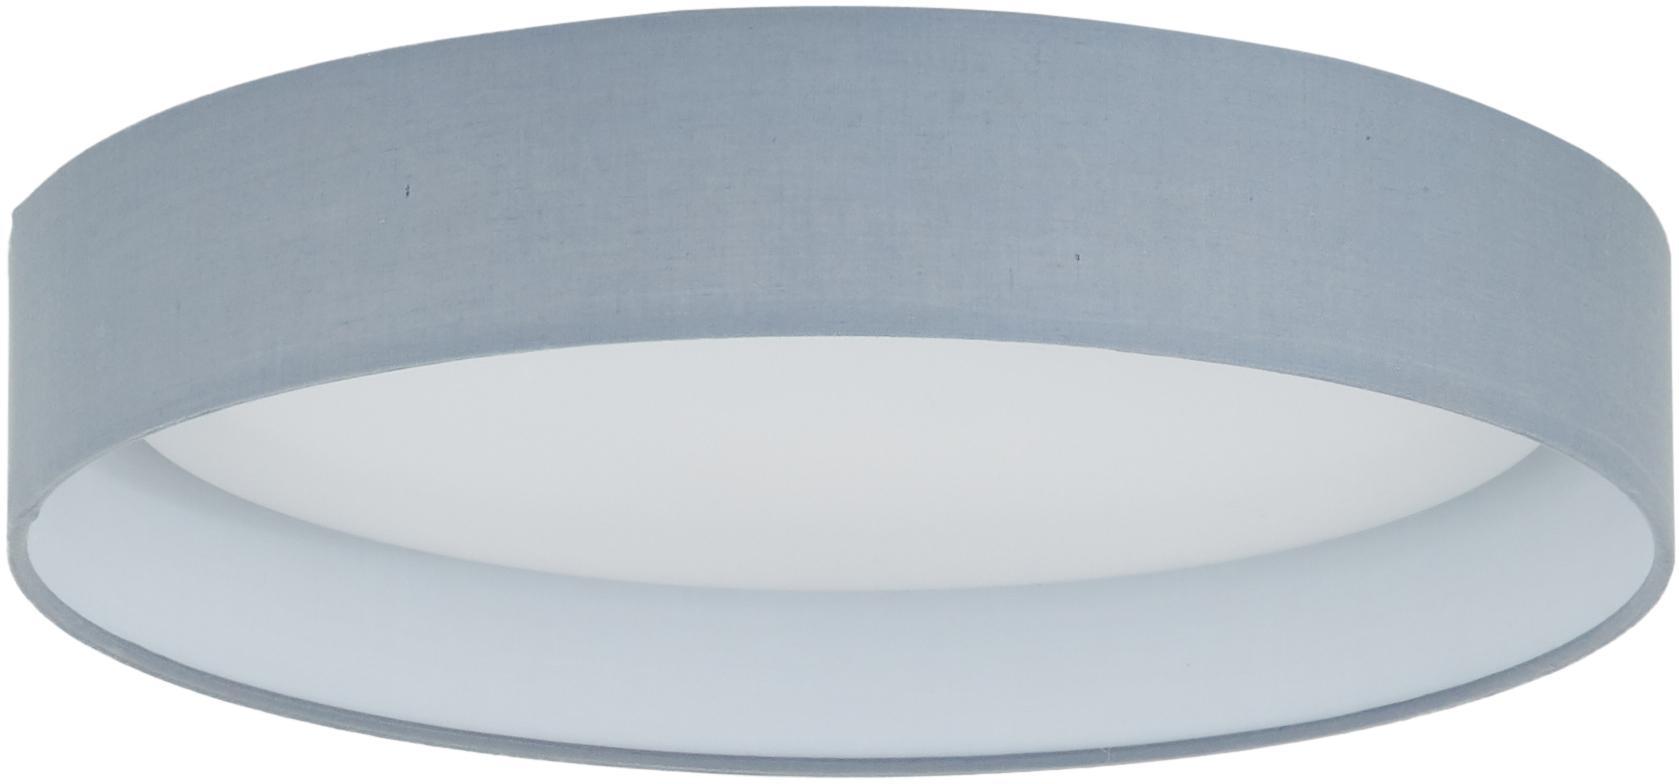 LED-Deckenleuchte Helen, Rahmen: Metall, Diffusorscheibe: Kunststoff, Grau, Ø 35 x H 7 cm